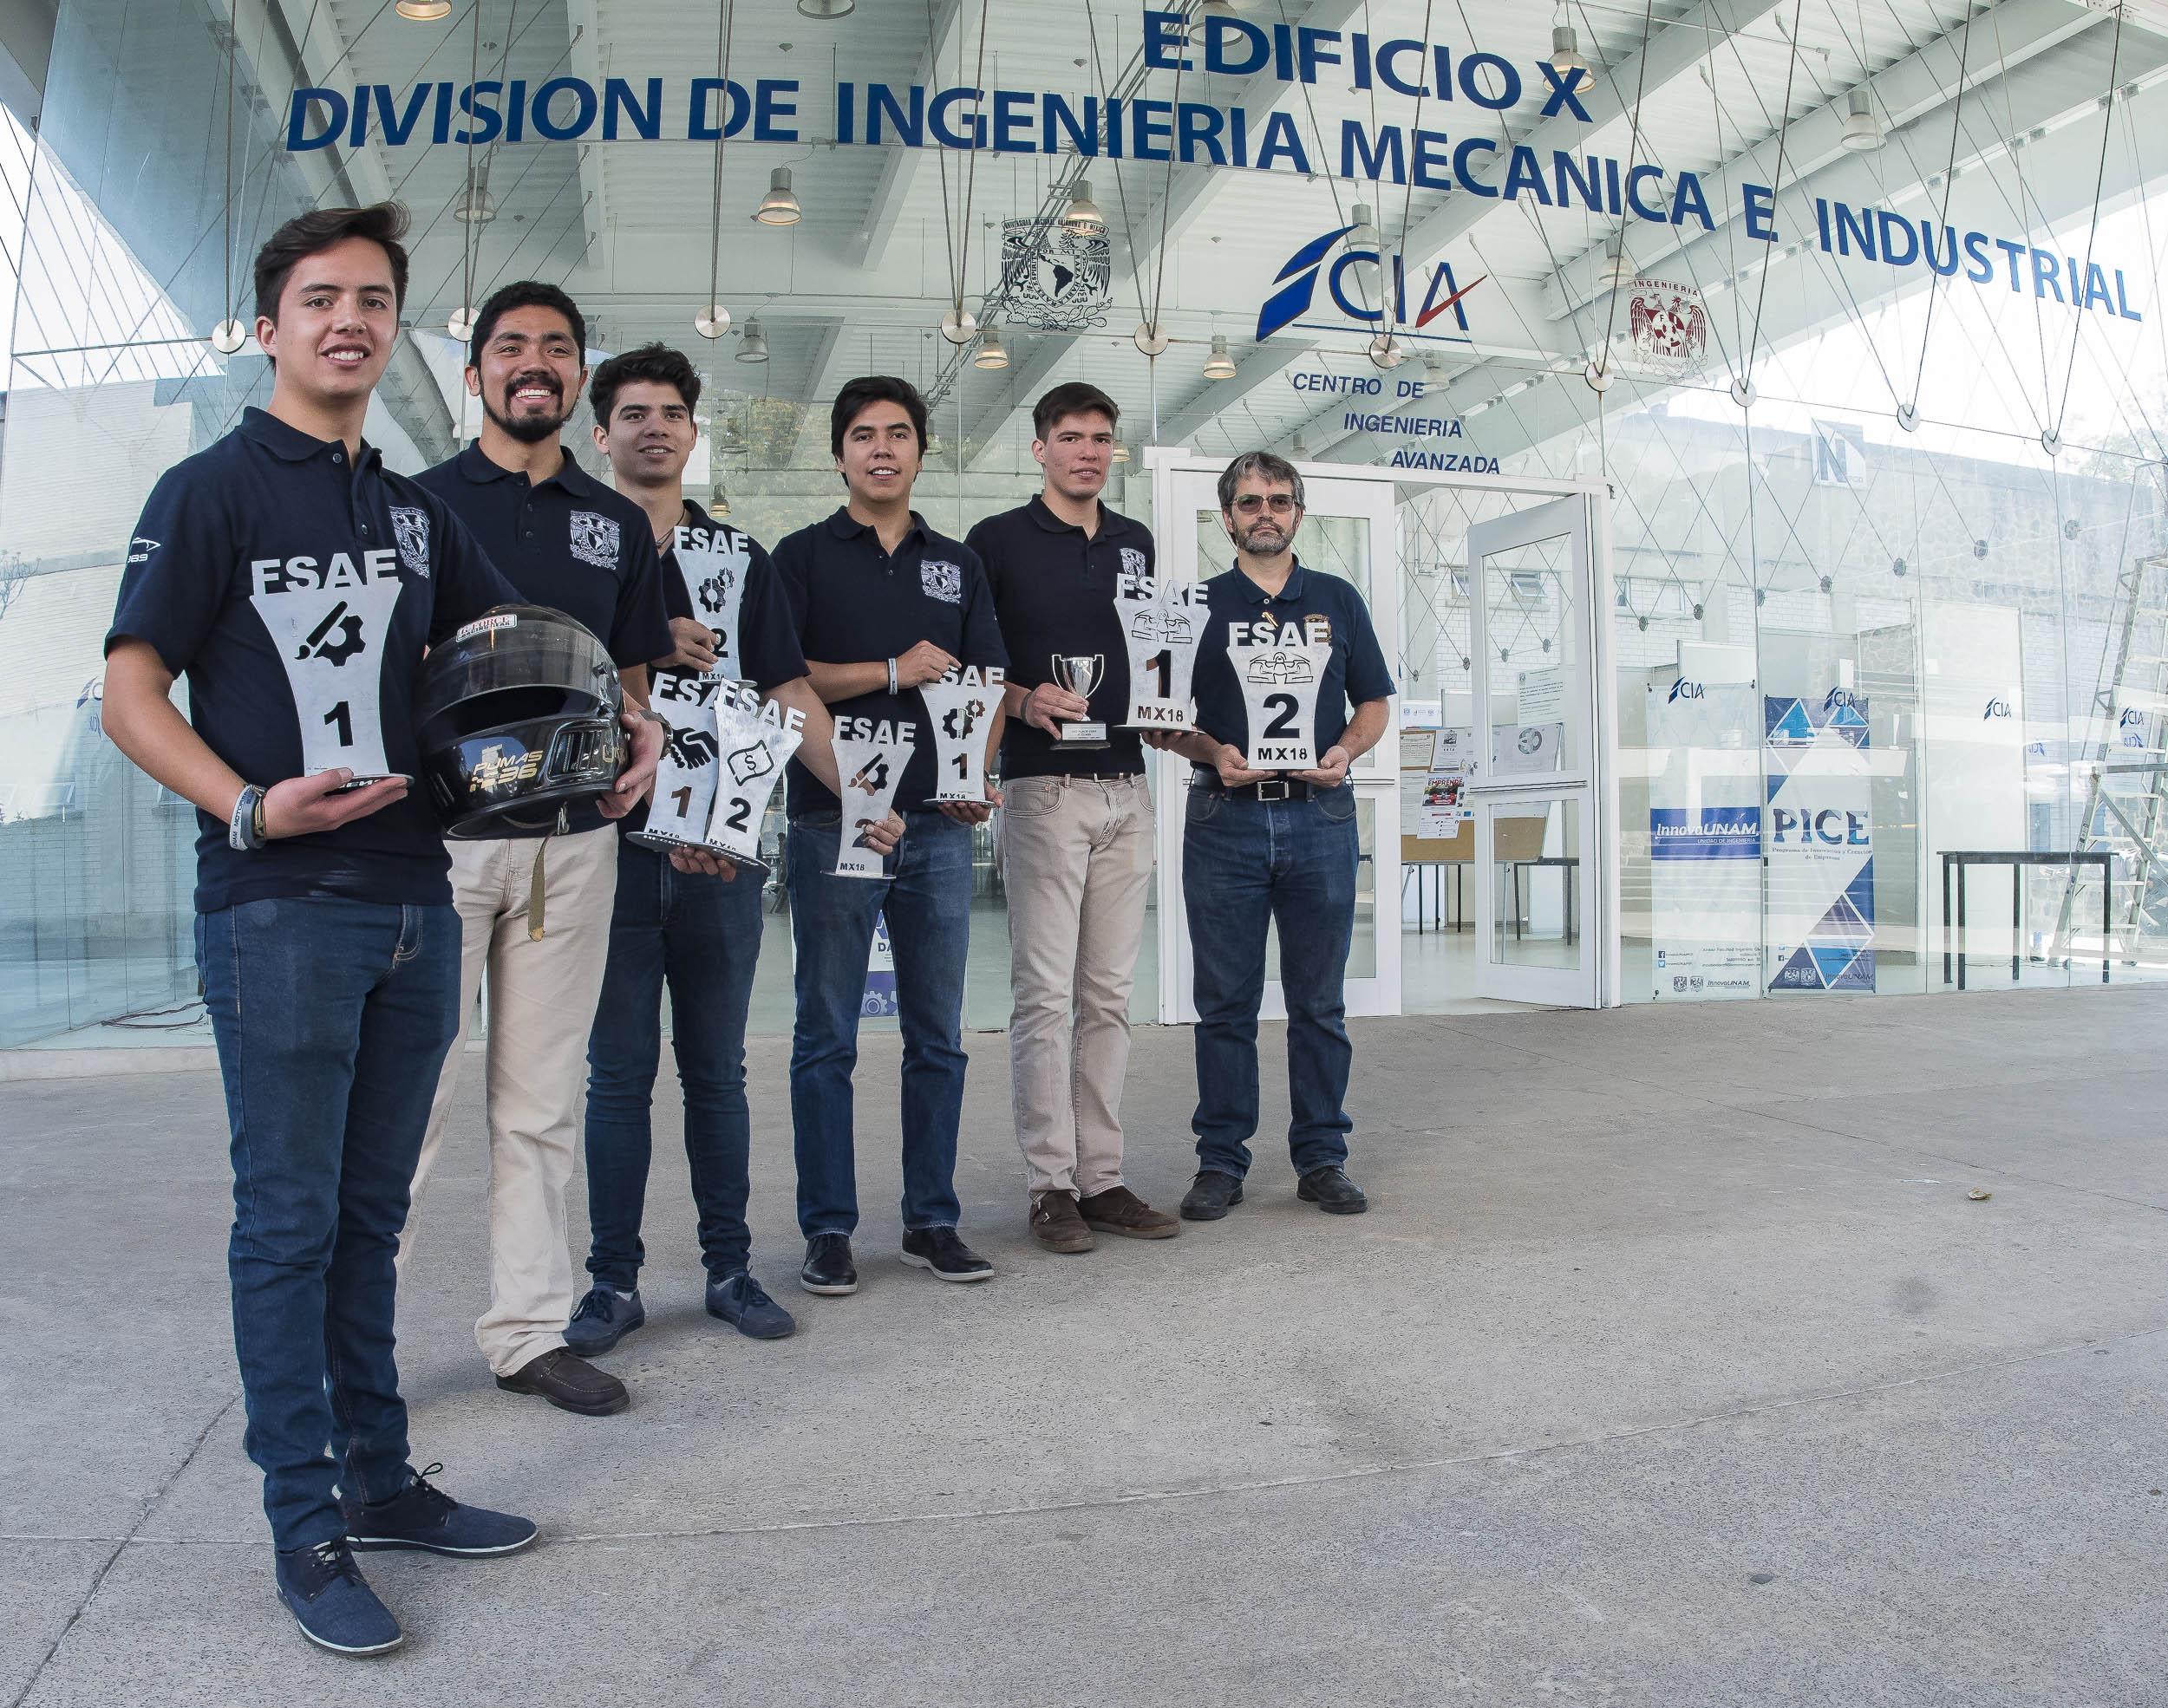 COMPETIRÁ LA ESCUDERÍA UNAM MOTORSPORTS POR PRIMERA VEZ EN LA MICHIGAN INTERNATIONAL SPEEDWAY